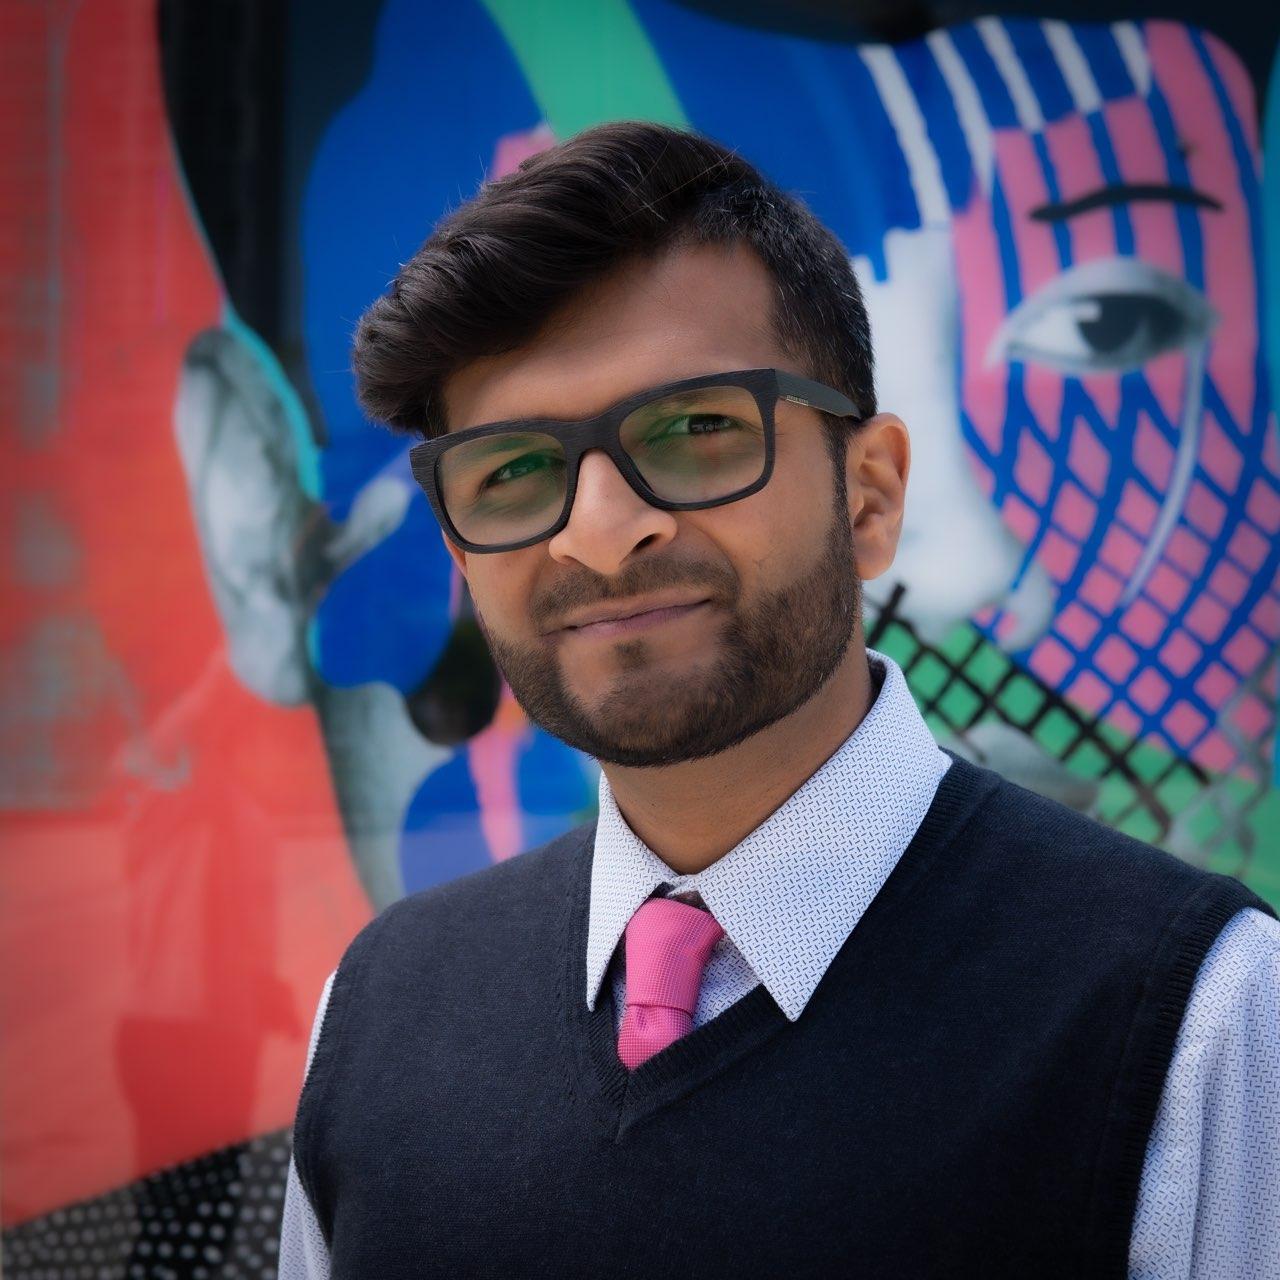 Ahmed Sagarwala